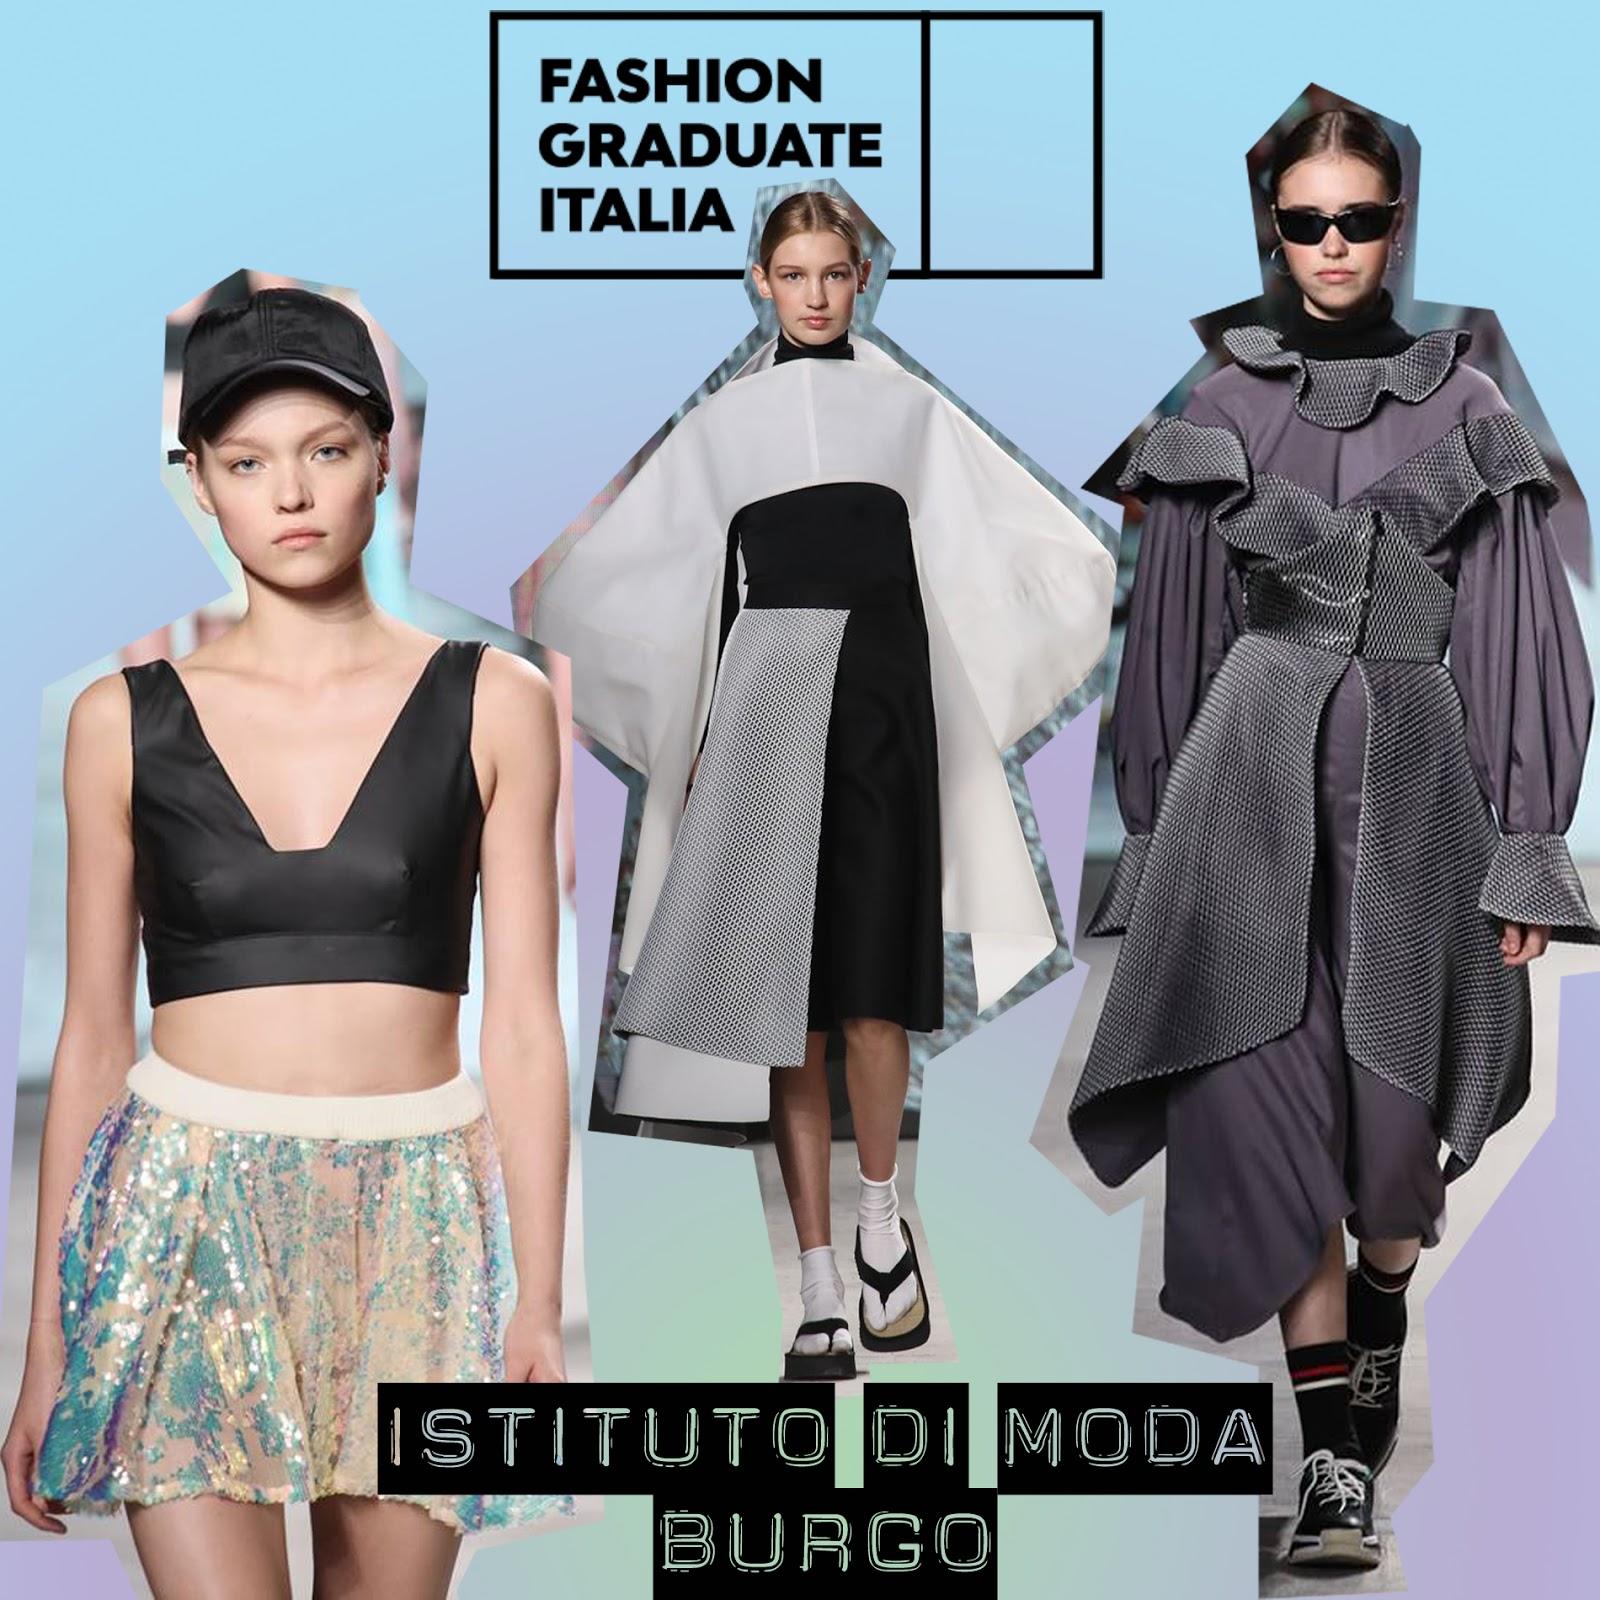 super popular 5a0a2 2d3d9 FASHION GRADUATE ITALIA 2018: Istituto di Moda Burgo fashion ...